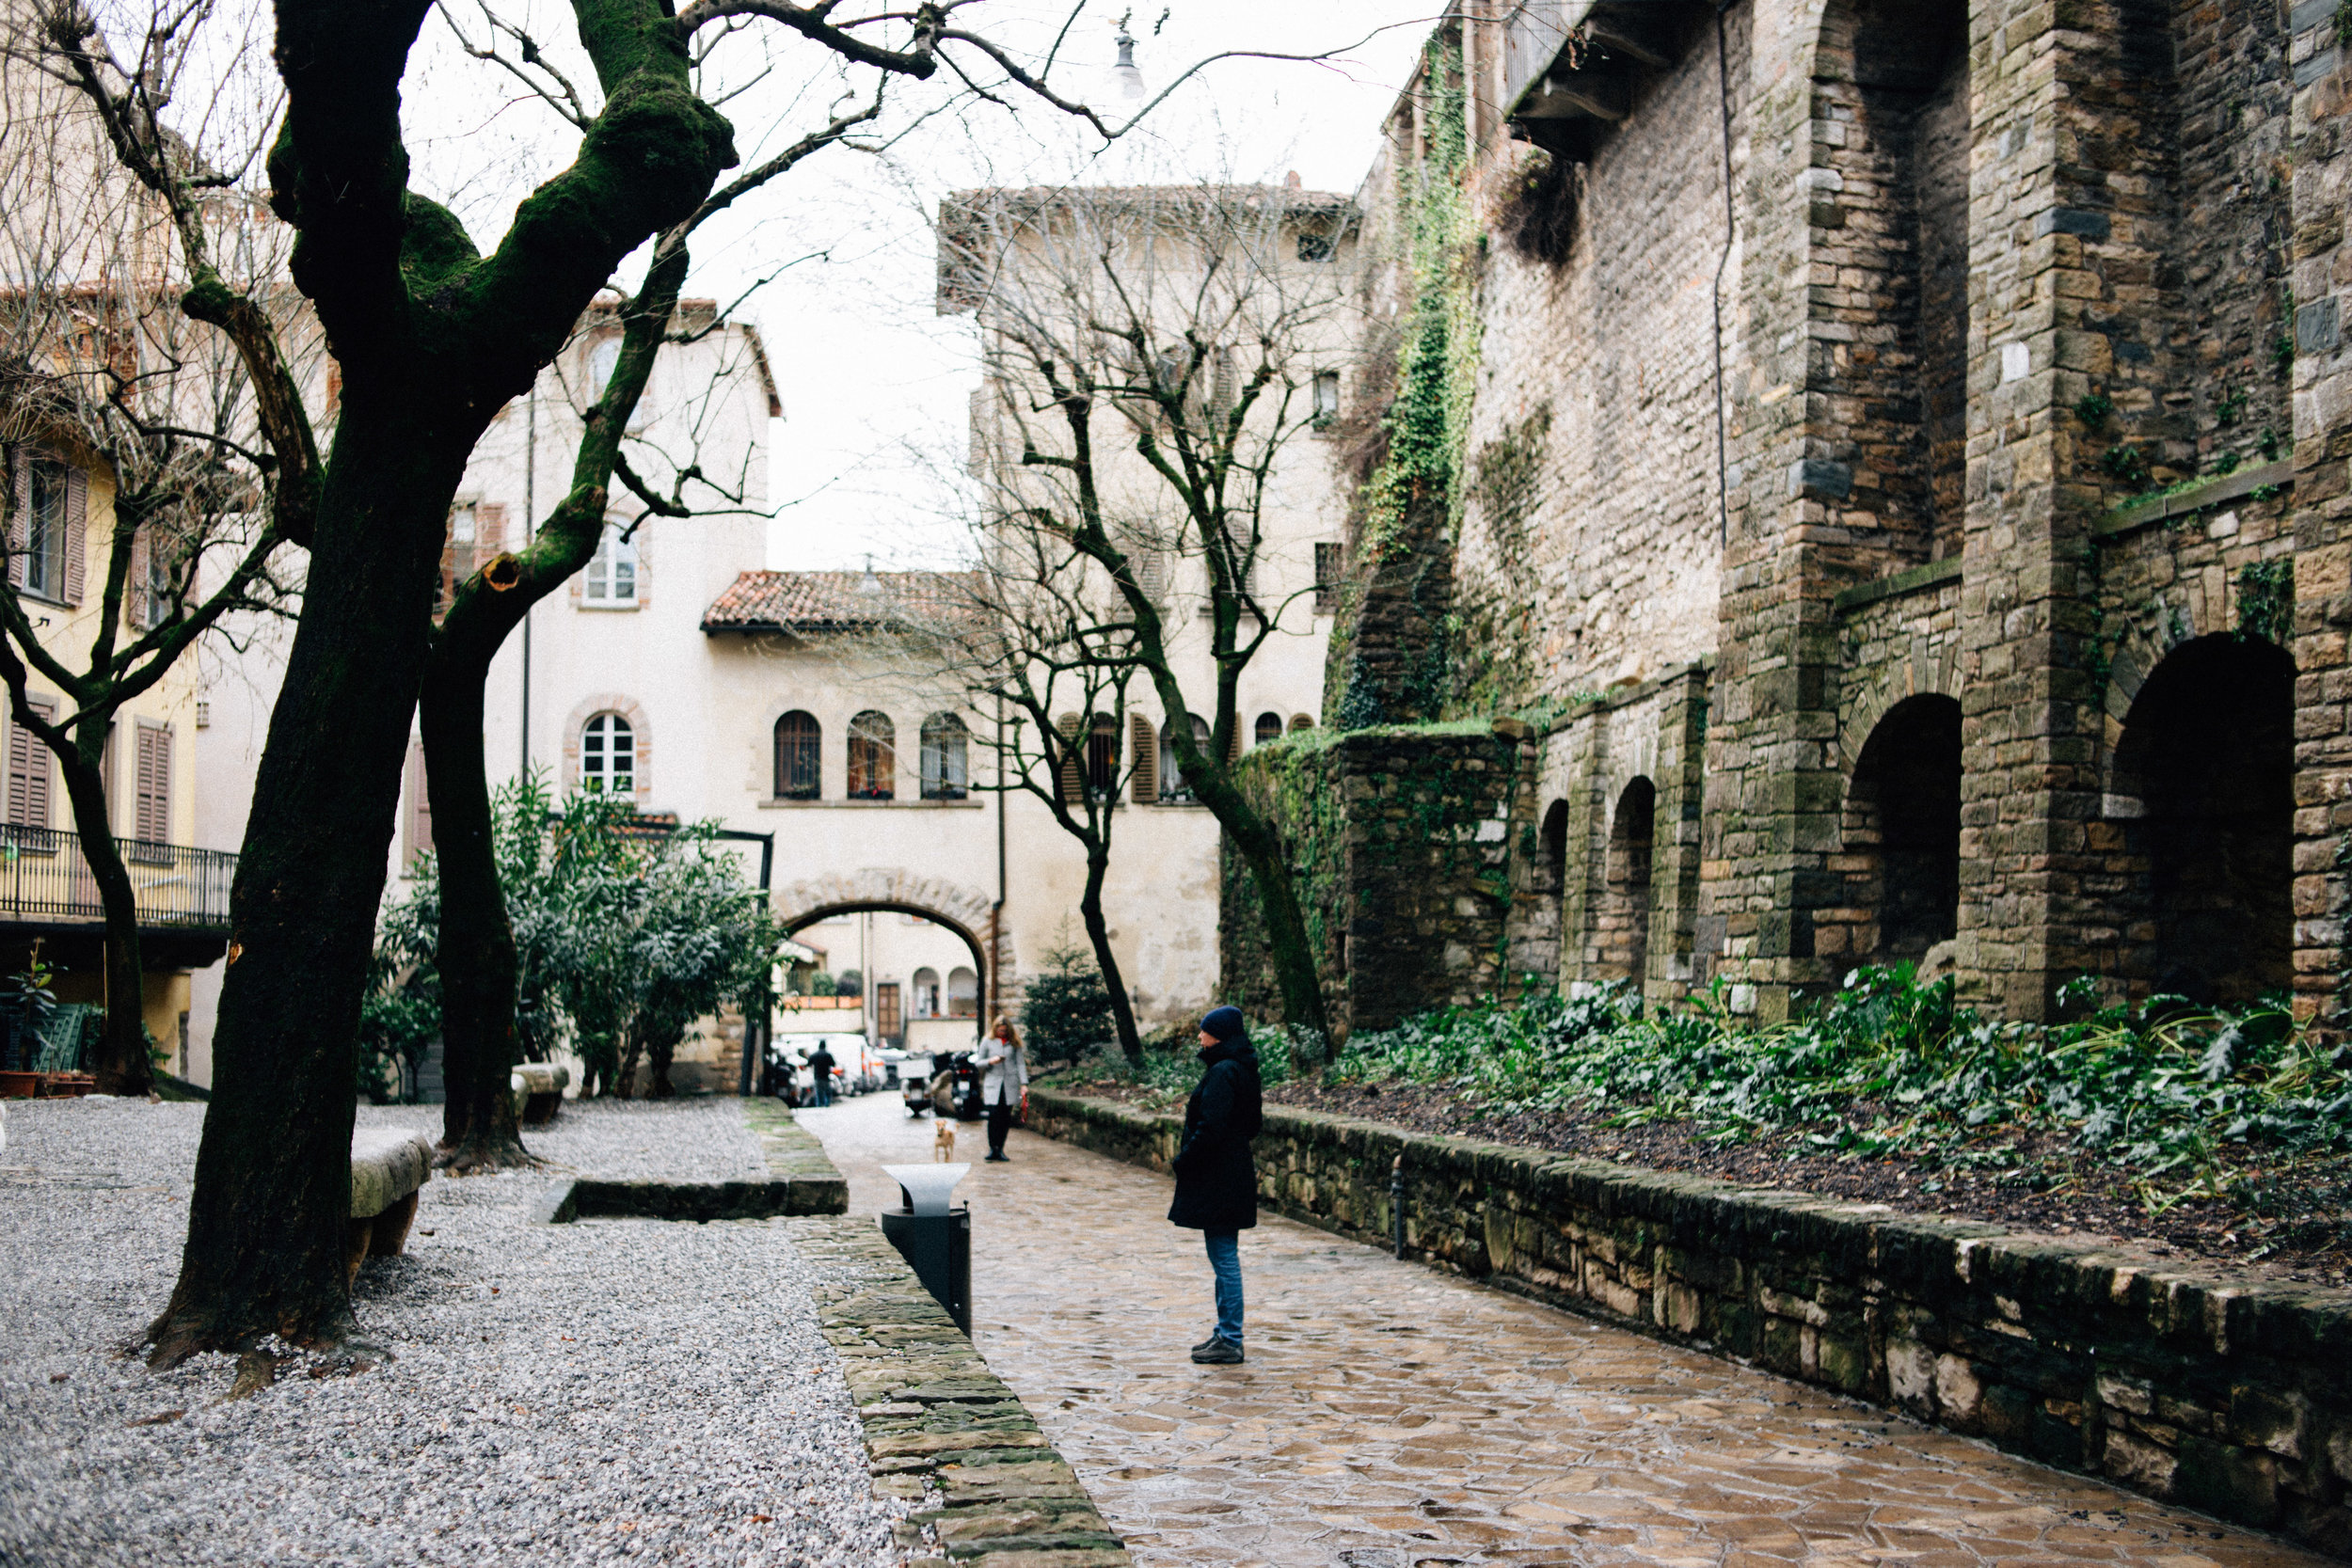 007 - Bergamo.jpg